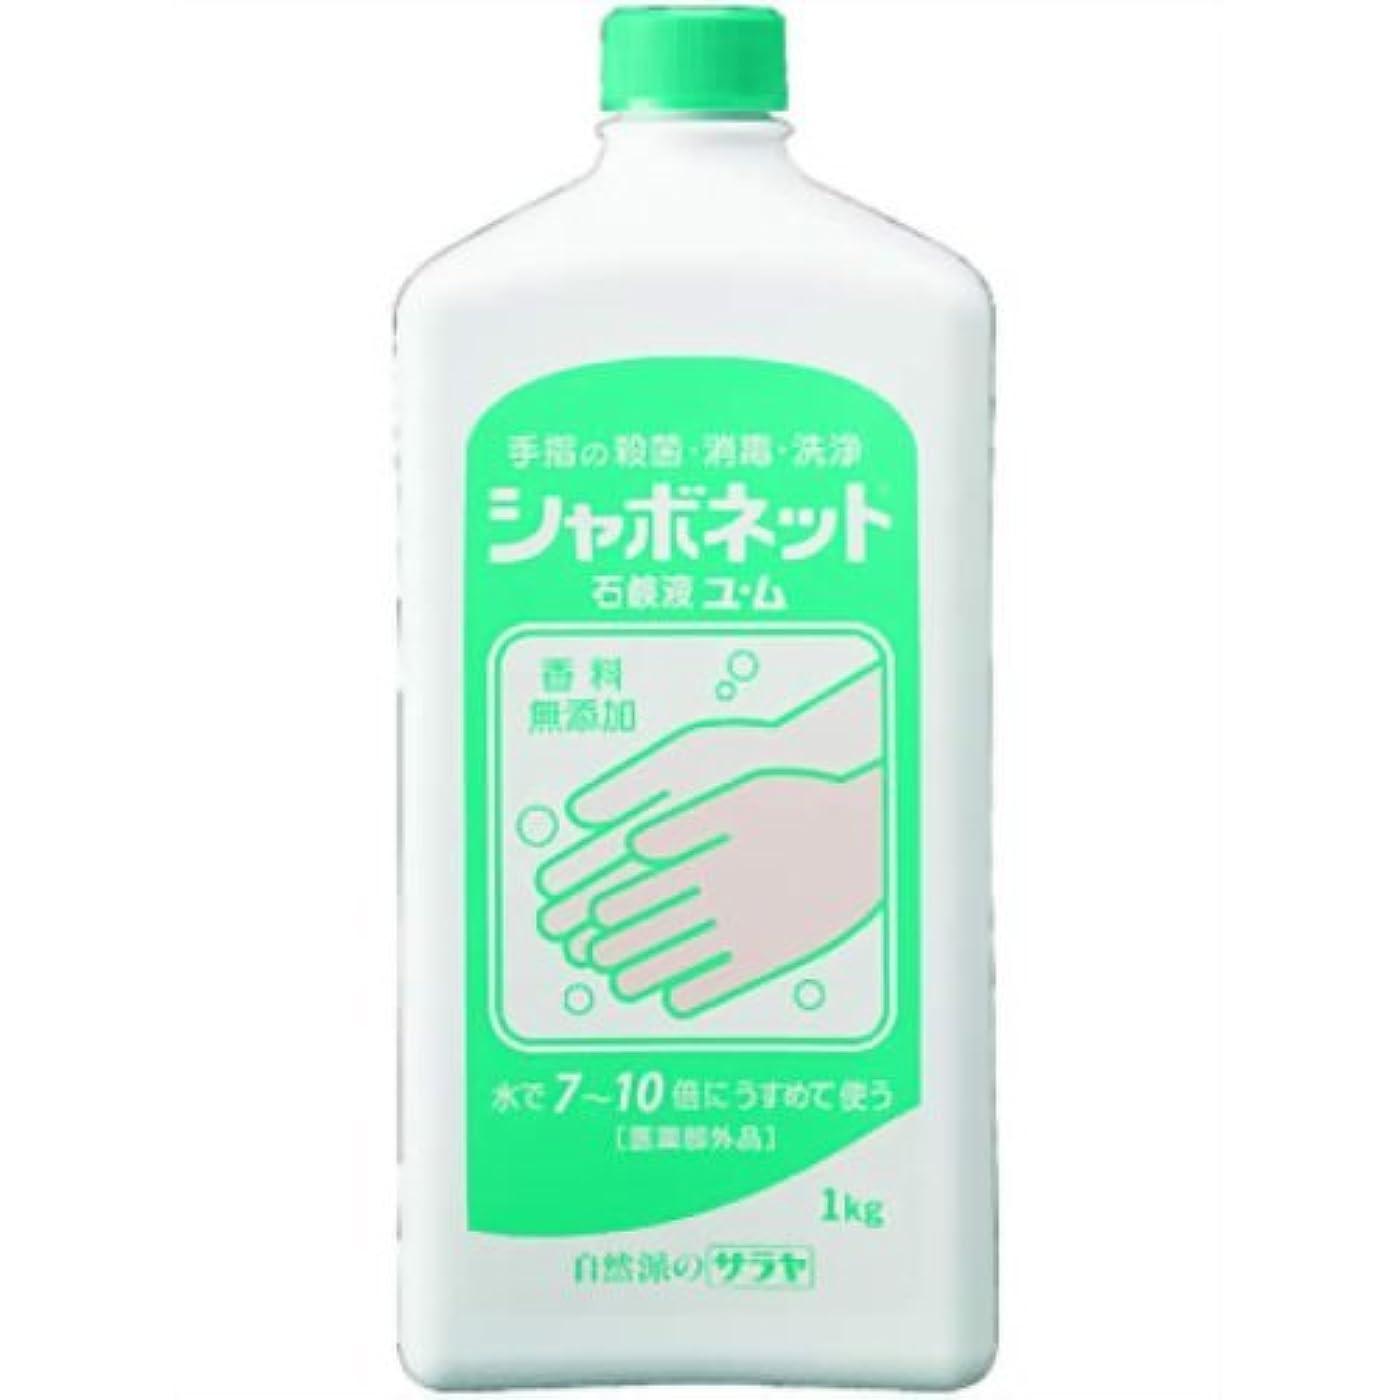 パンフレット束開示するシャボネット石鹸液ユ?ム 1kg